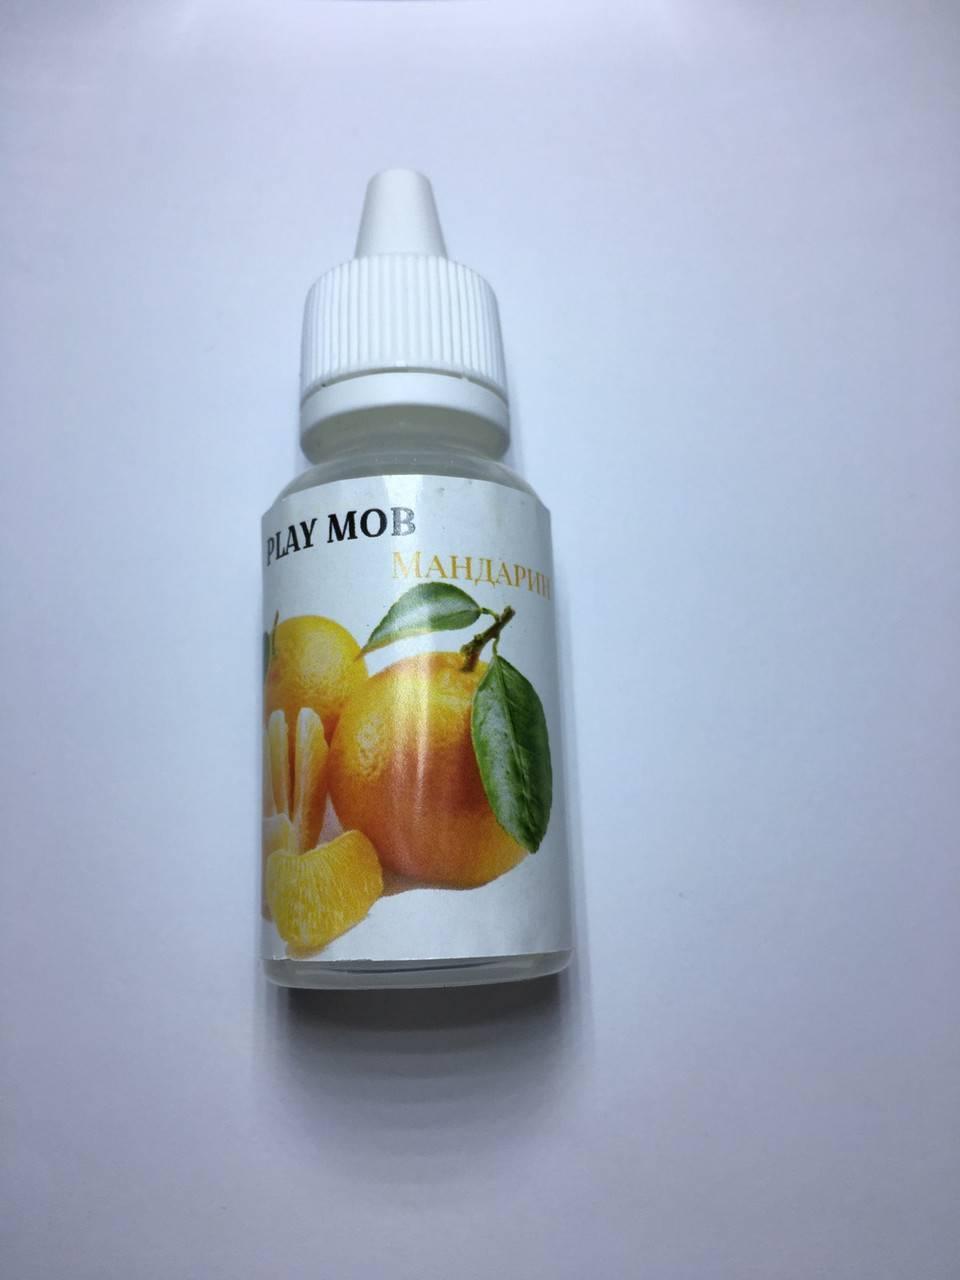 Лучшие жидкости для электронных сигарет: топ